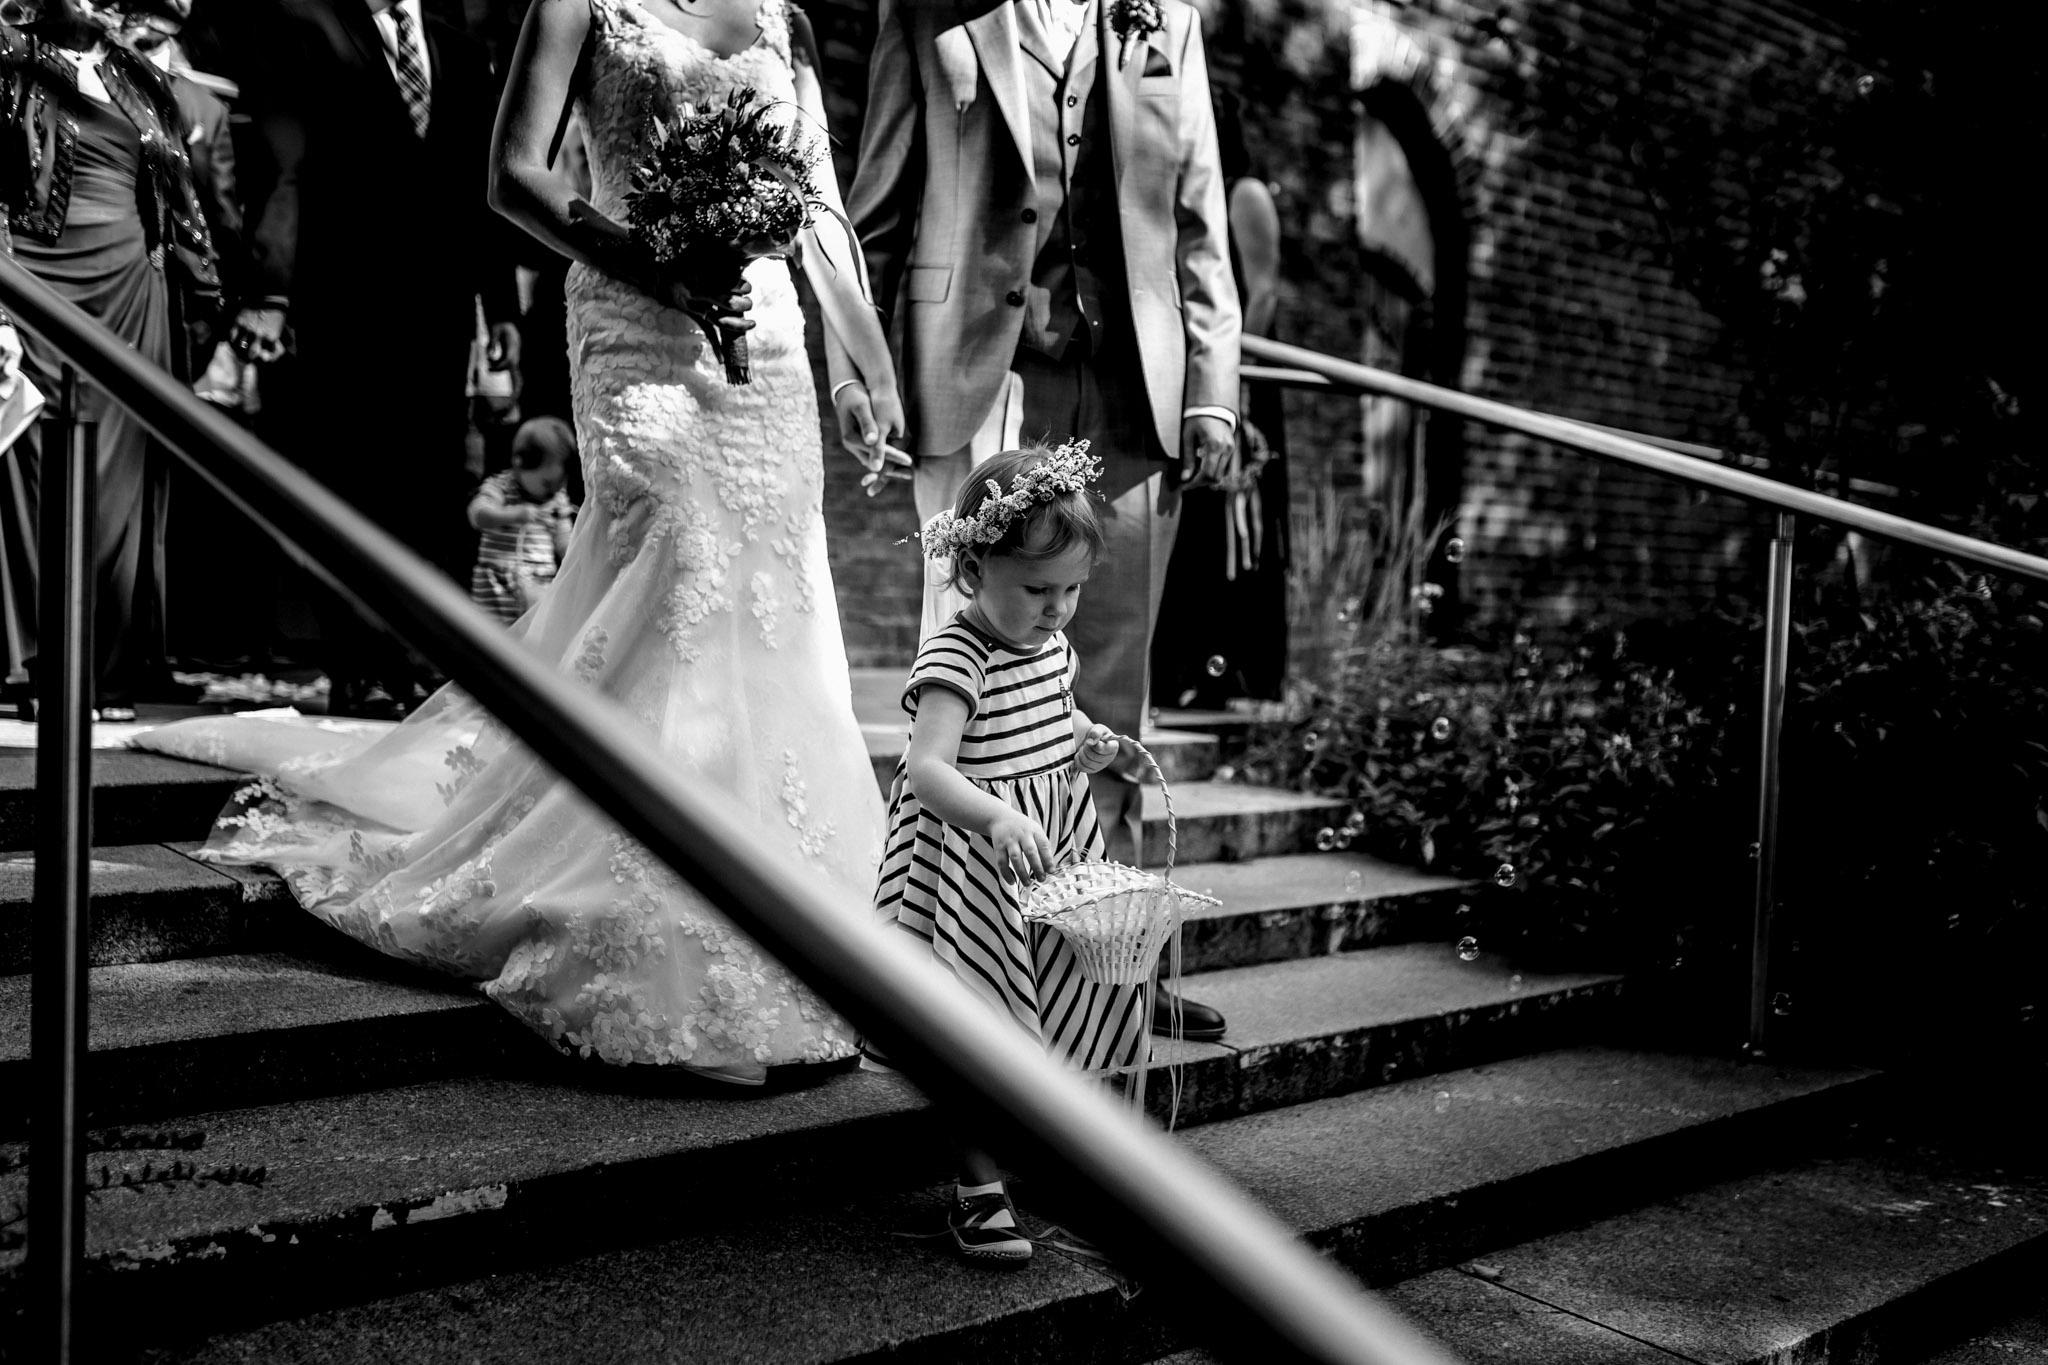 Sven Schomburg Hochzeitsfotografie, Hamburg, Mölln, Hochzeitsfieber by Photo-Schomburg, Hochzeitsreportage, Forsthaus Waldhusen, Braut, Bräutigam-47